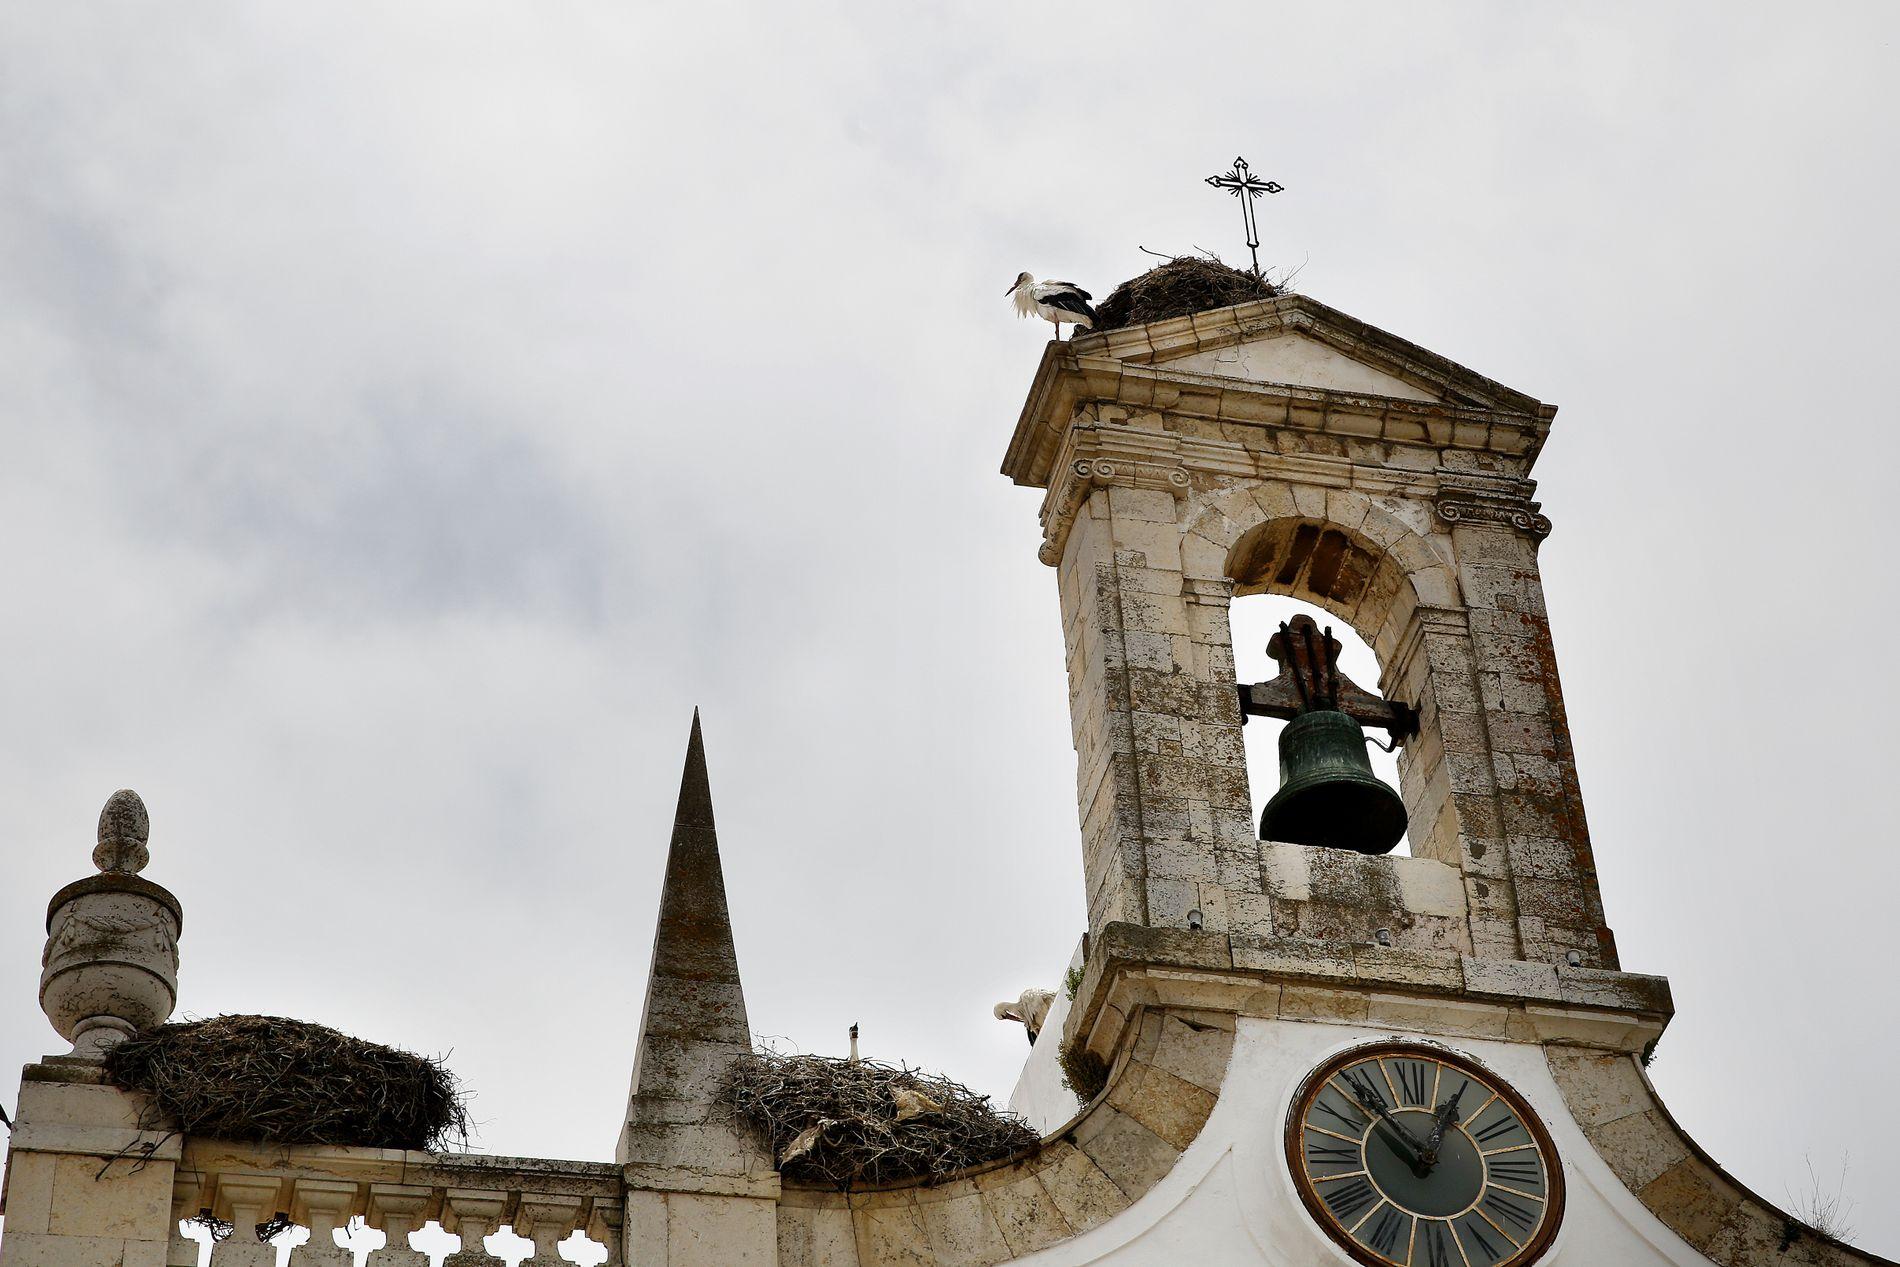 FARO: Faro er gjerne en by en bare stopper innom - siden flyplassen ligger her. Men den er undervurdert som reisemål. Stikk innom gamlebyens restauranter og husk å se opp: Her bor storkene.